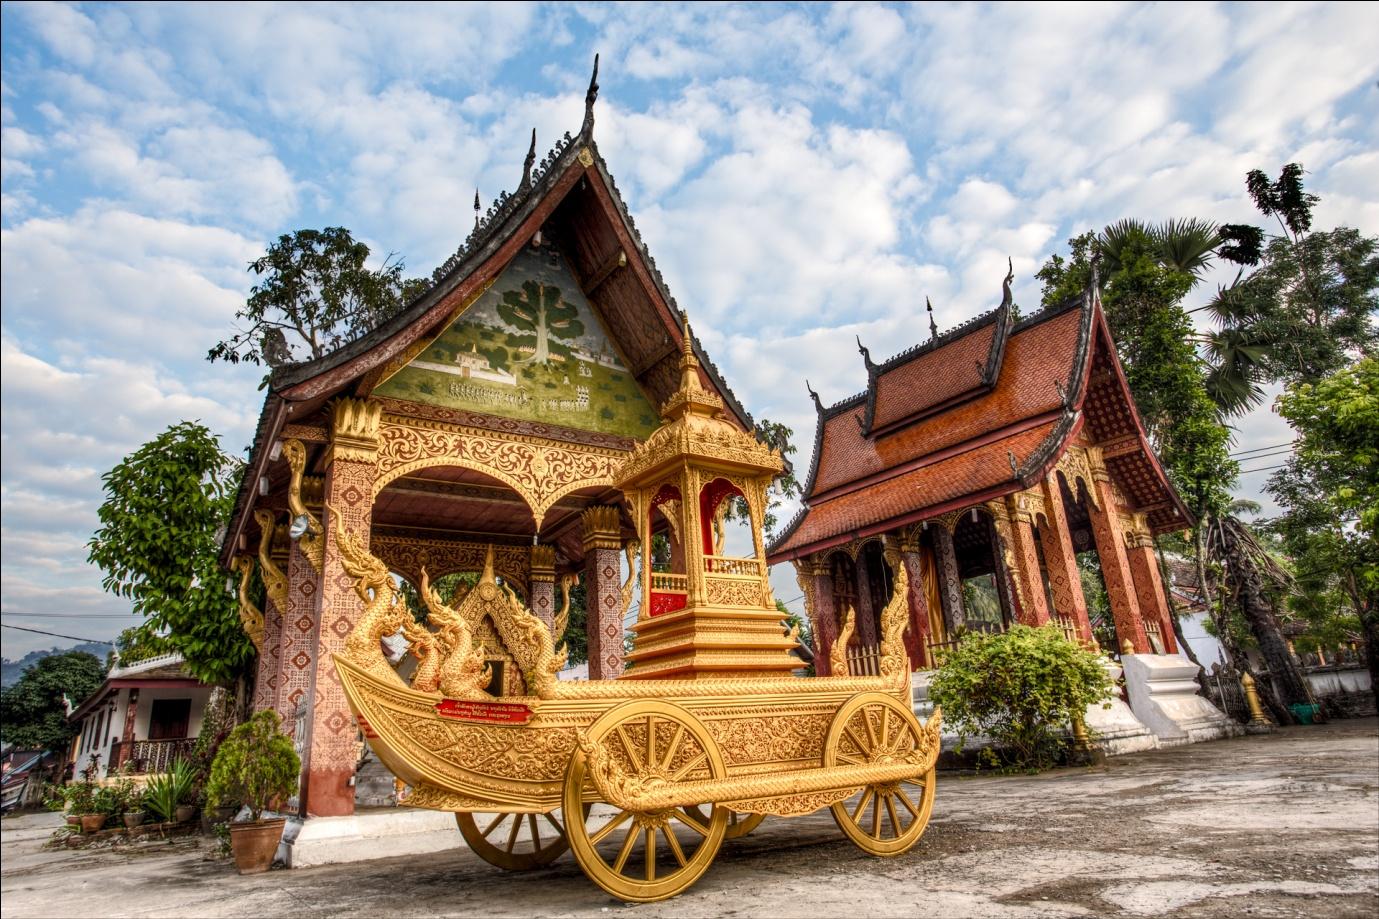 Luang Prabang in March